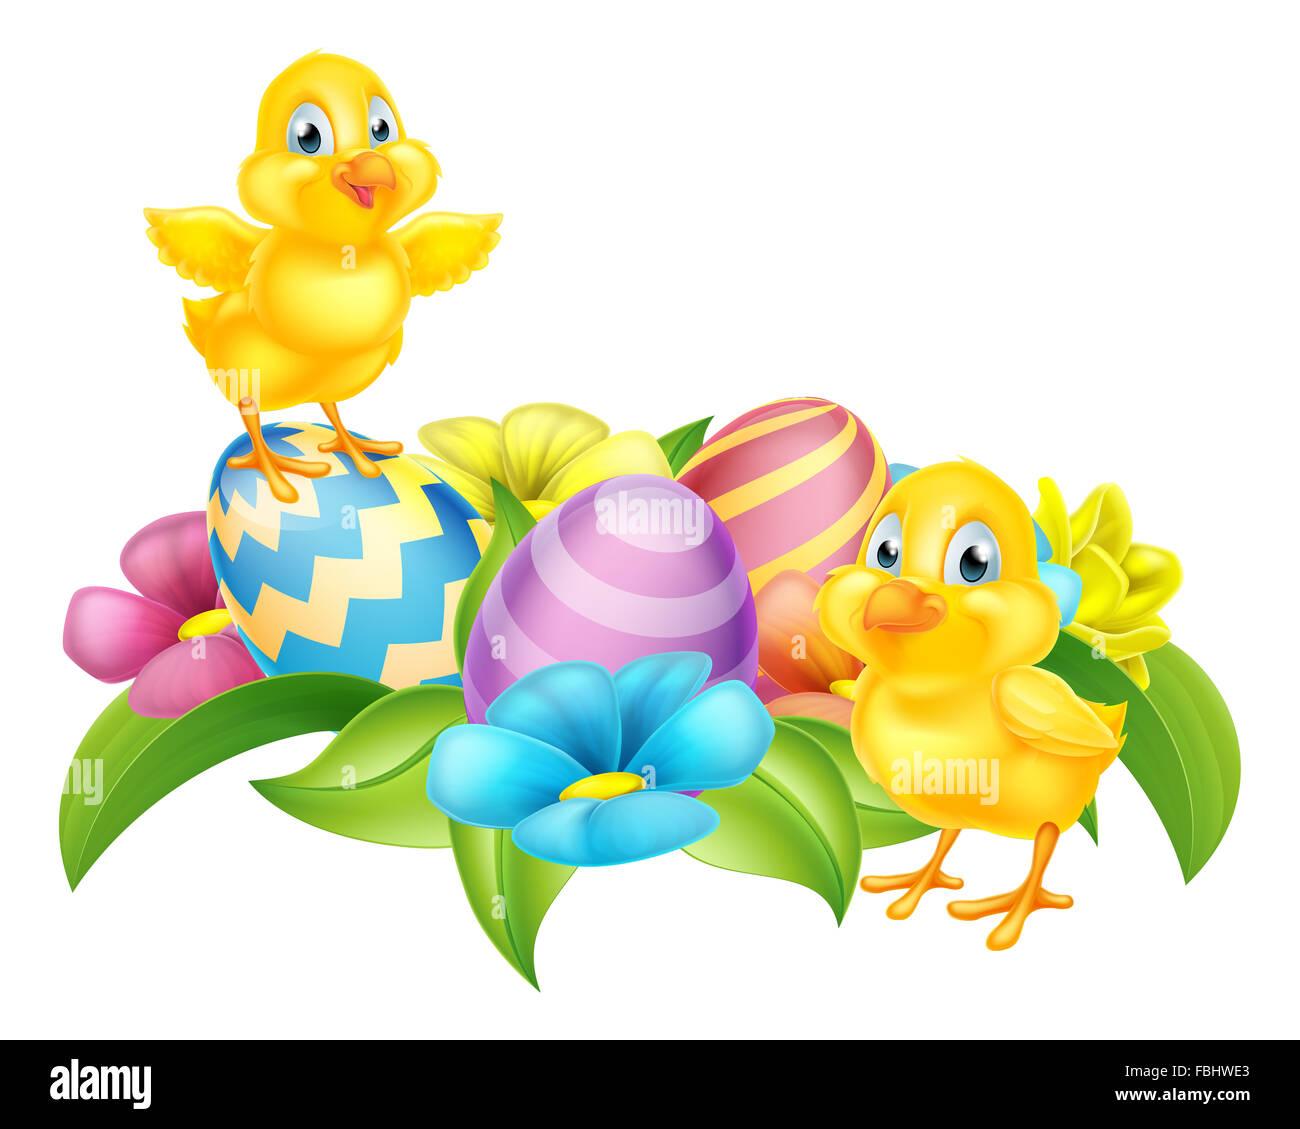 Cute Dibujos Animados Pollitos De Pascua Huevos De Pascua Y Las